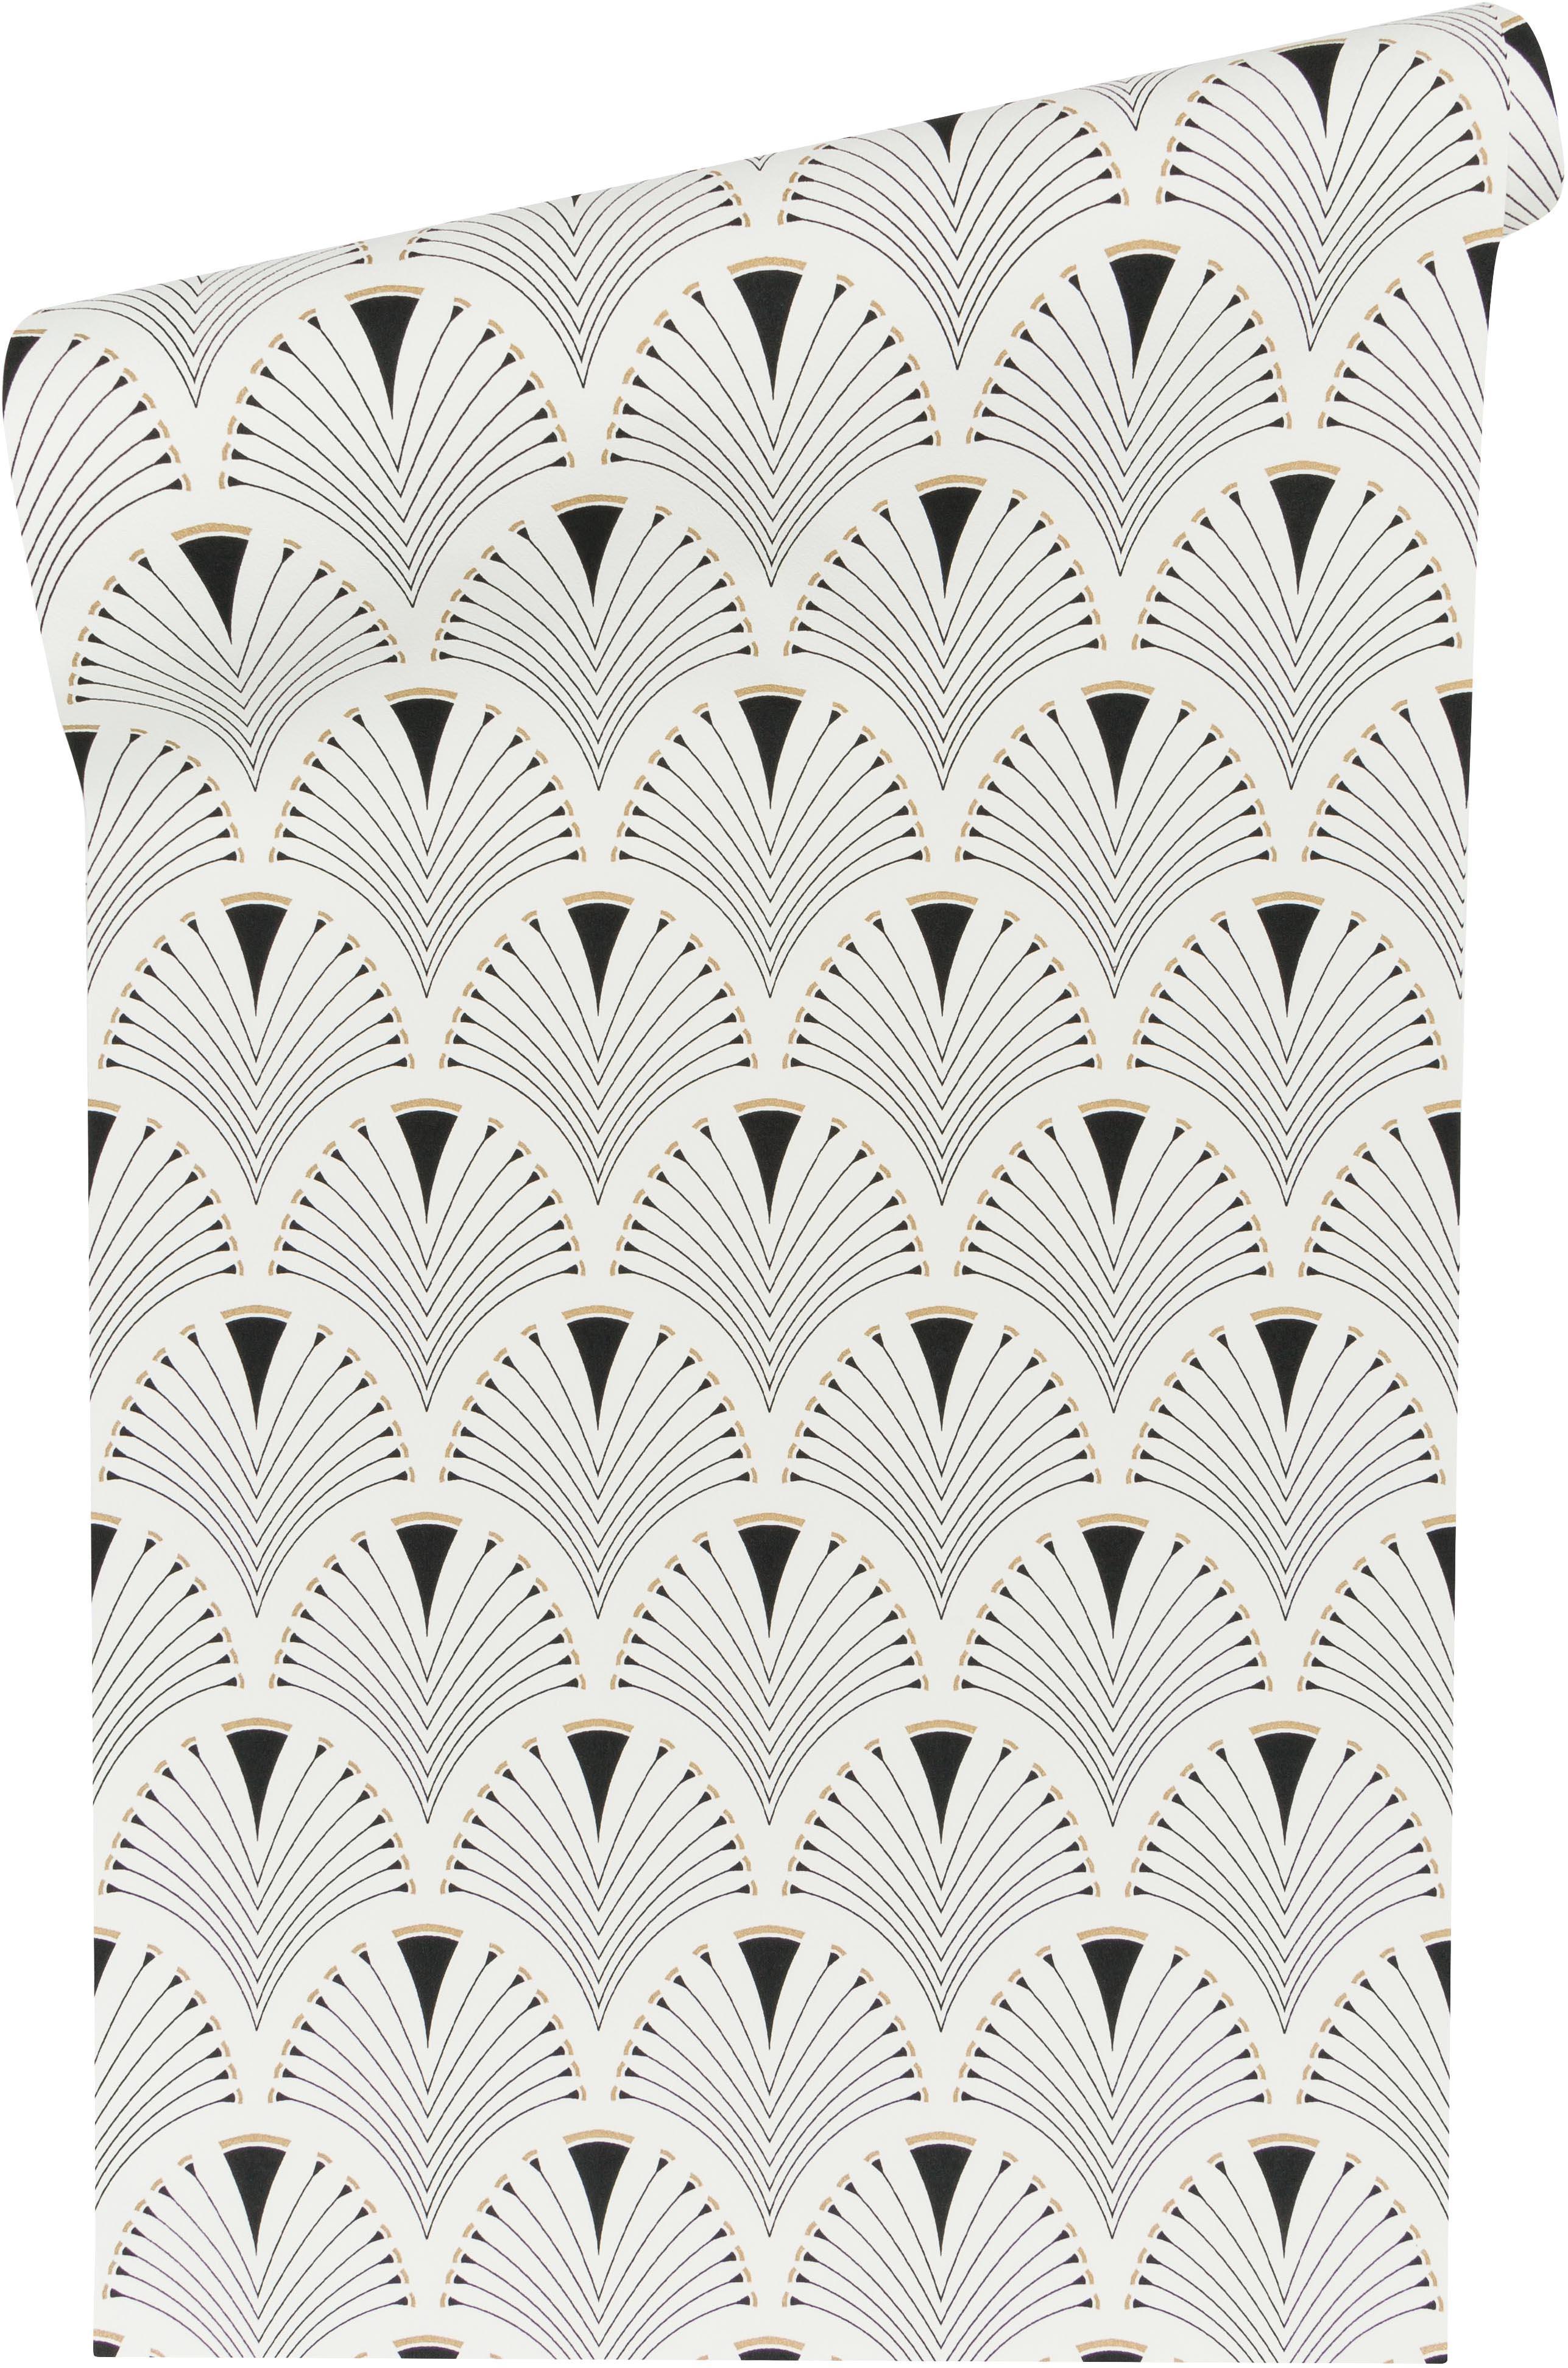 Tapete Peacock, Vlies, Weiß, Schwarz, Goldfarben, glänzend, 53 x 1005 cm